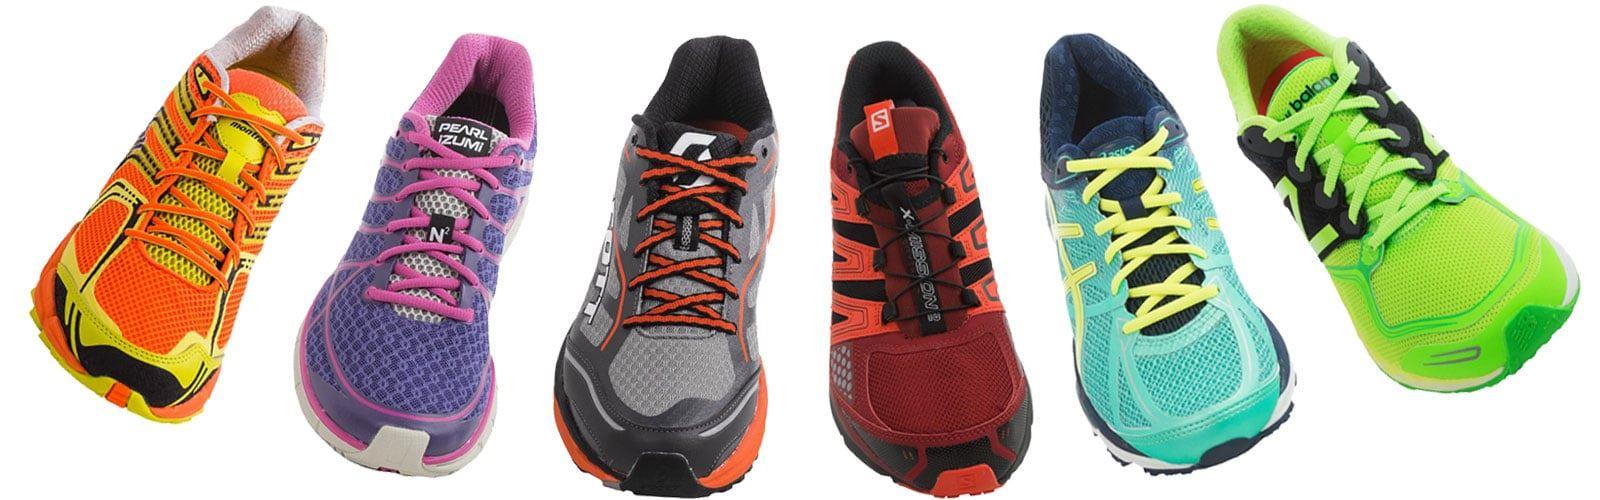 Jak si vybrat správnou běžeckou obuv   d6593f6da7